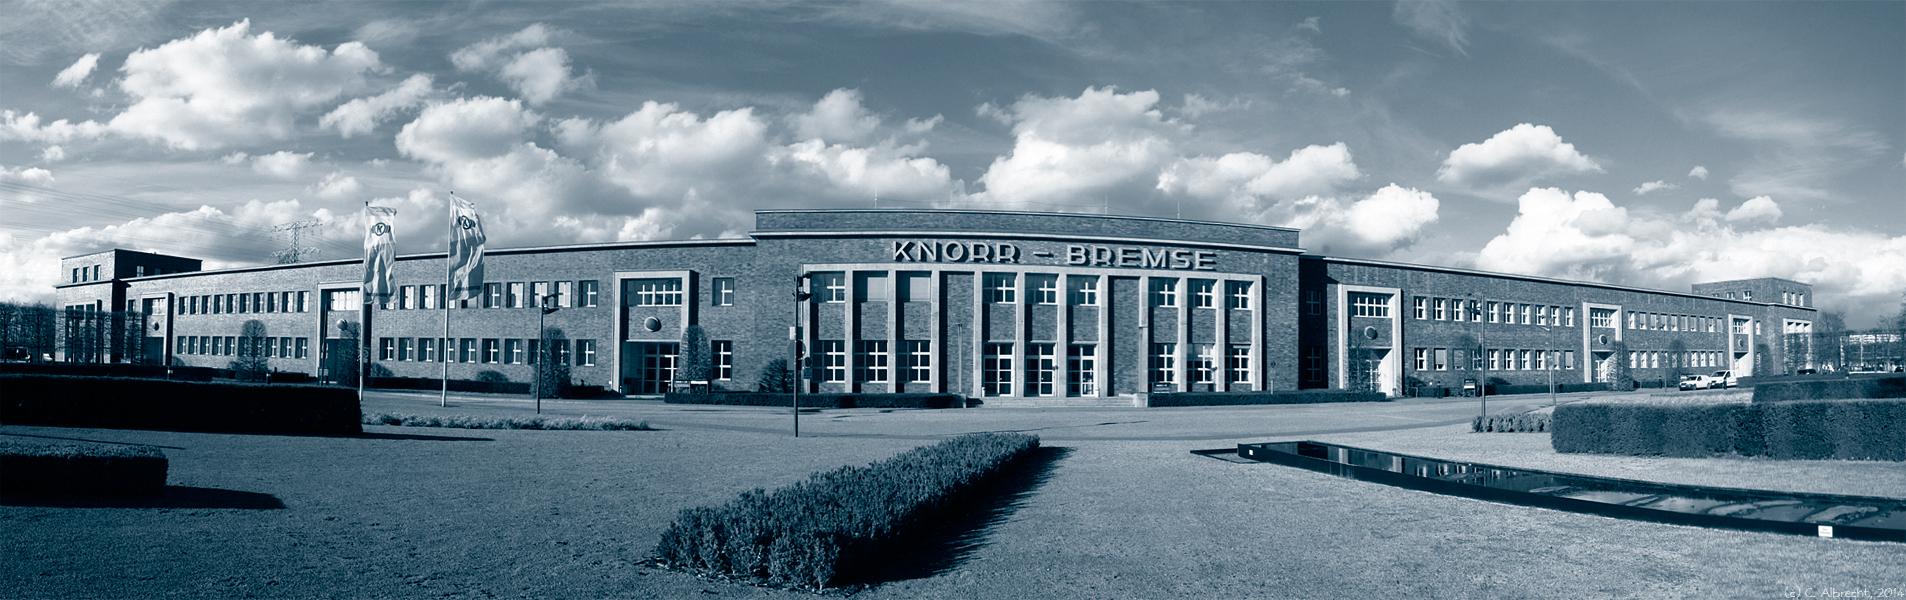 Knorr-Bremse Haupthaus am Standort Georg-Knorr-Straße (Nahe S-Bhf. Marzahn)